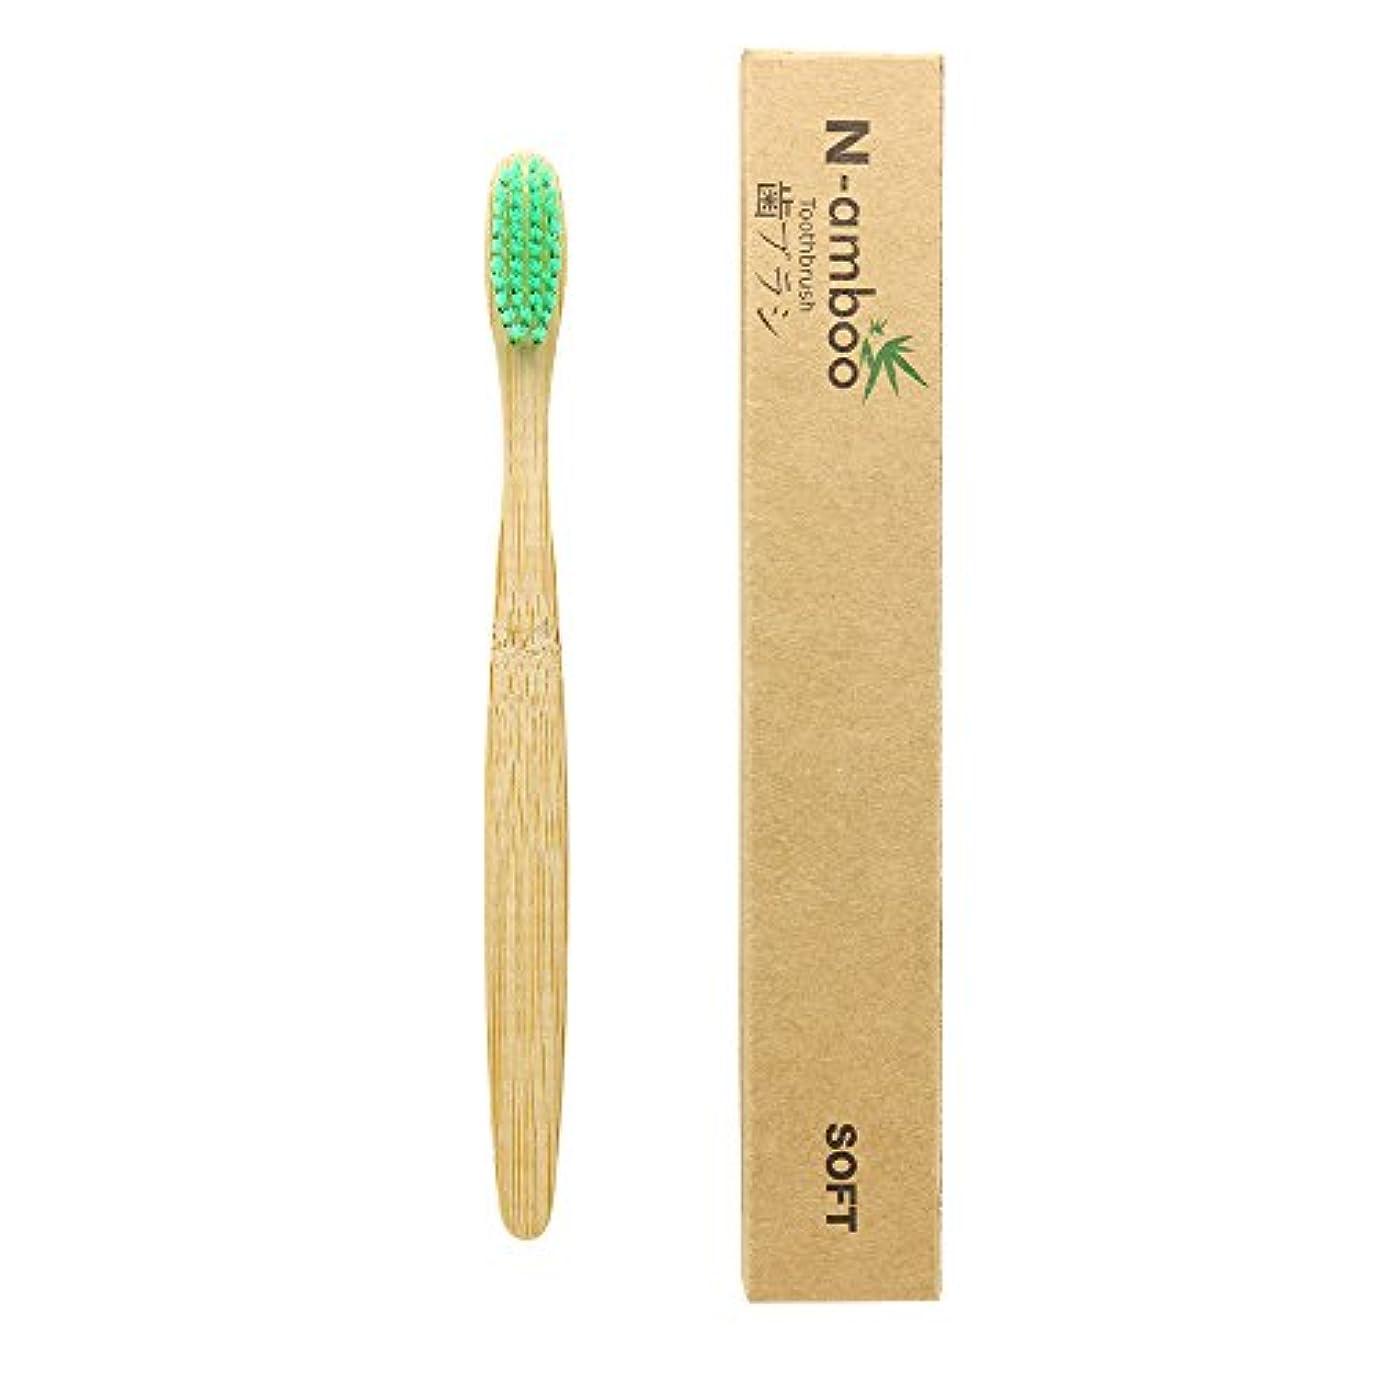 重々しい完全に旋回N-amboo 歯ブラシ 1本入り 竹製 高耐久性 緑 エコ